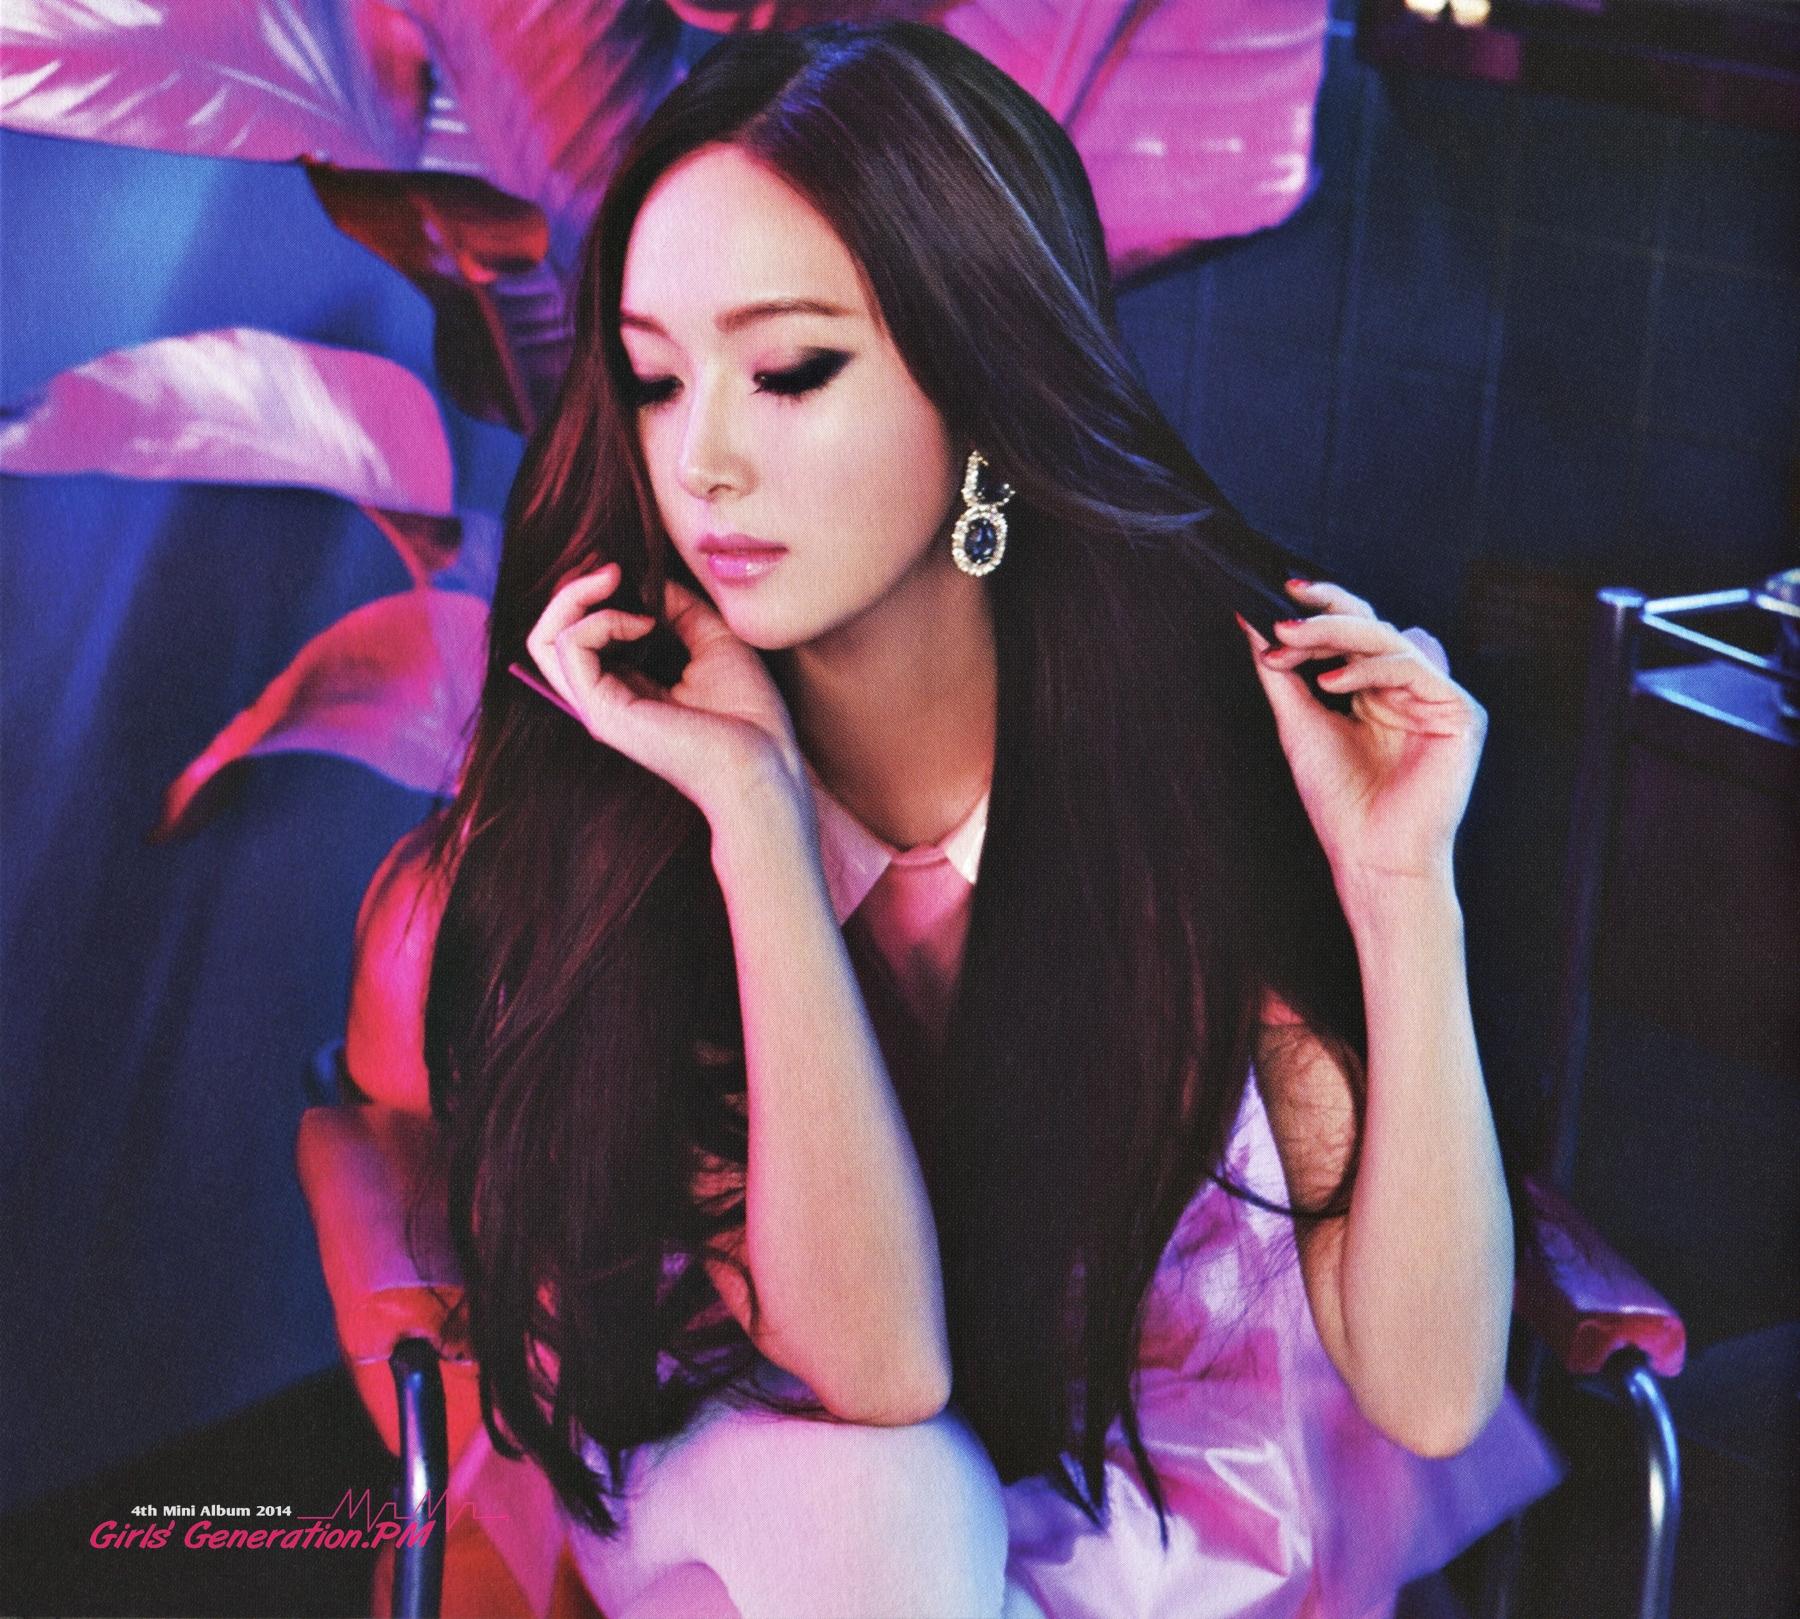 fd8c4925e0ae2 your favorite photos of Jessica Jung  - Celebrity Photos - OneHallyu